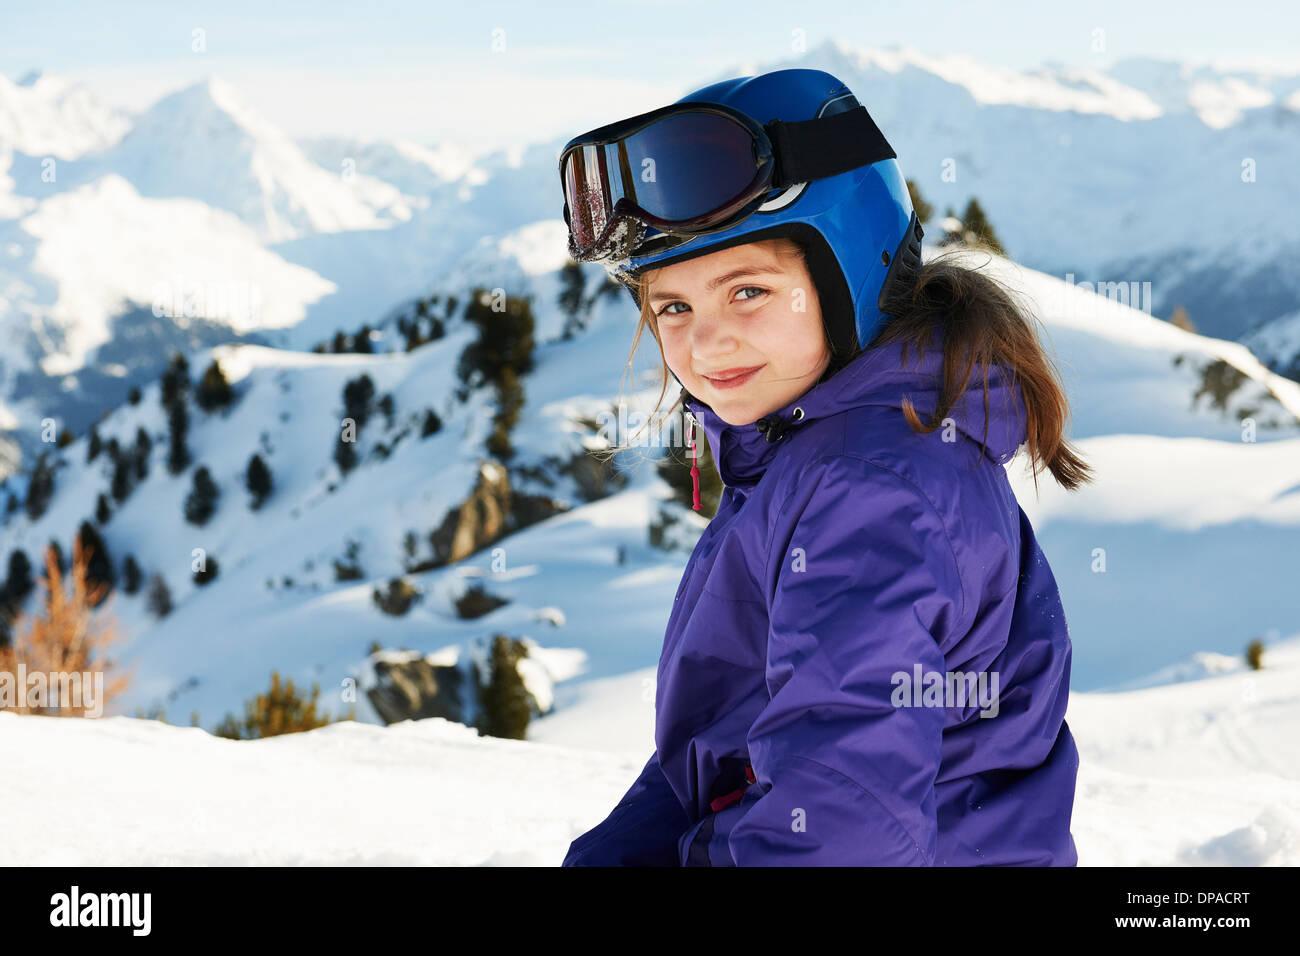 Portrait de jeune fille en équipement de ski, Les Arcs, Haute-Savoie, France Photo Stock